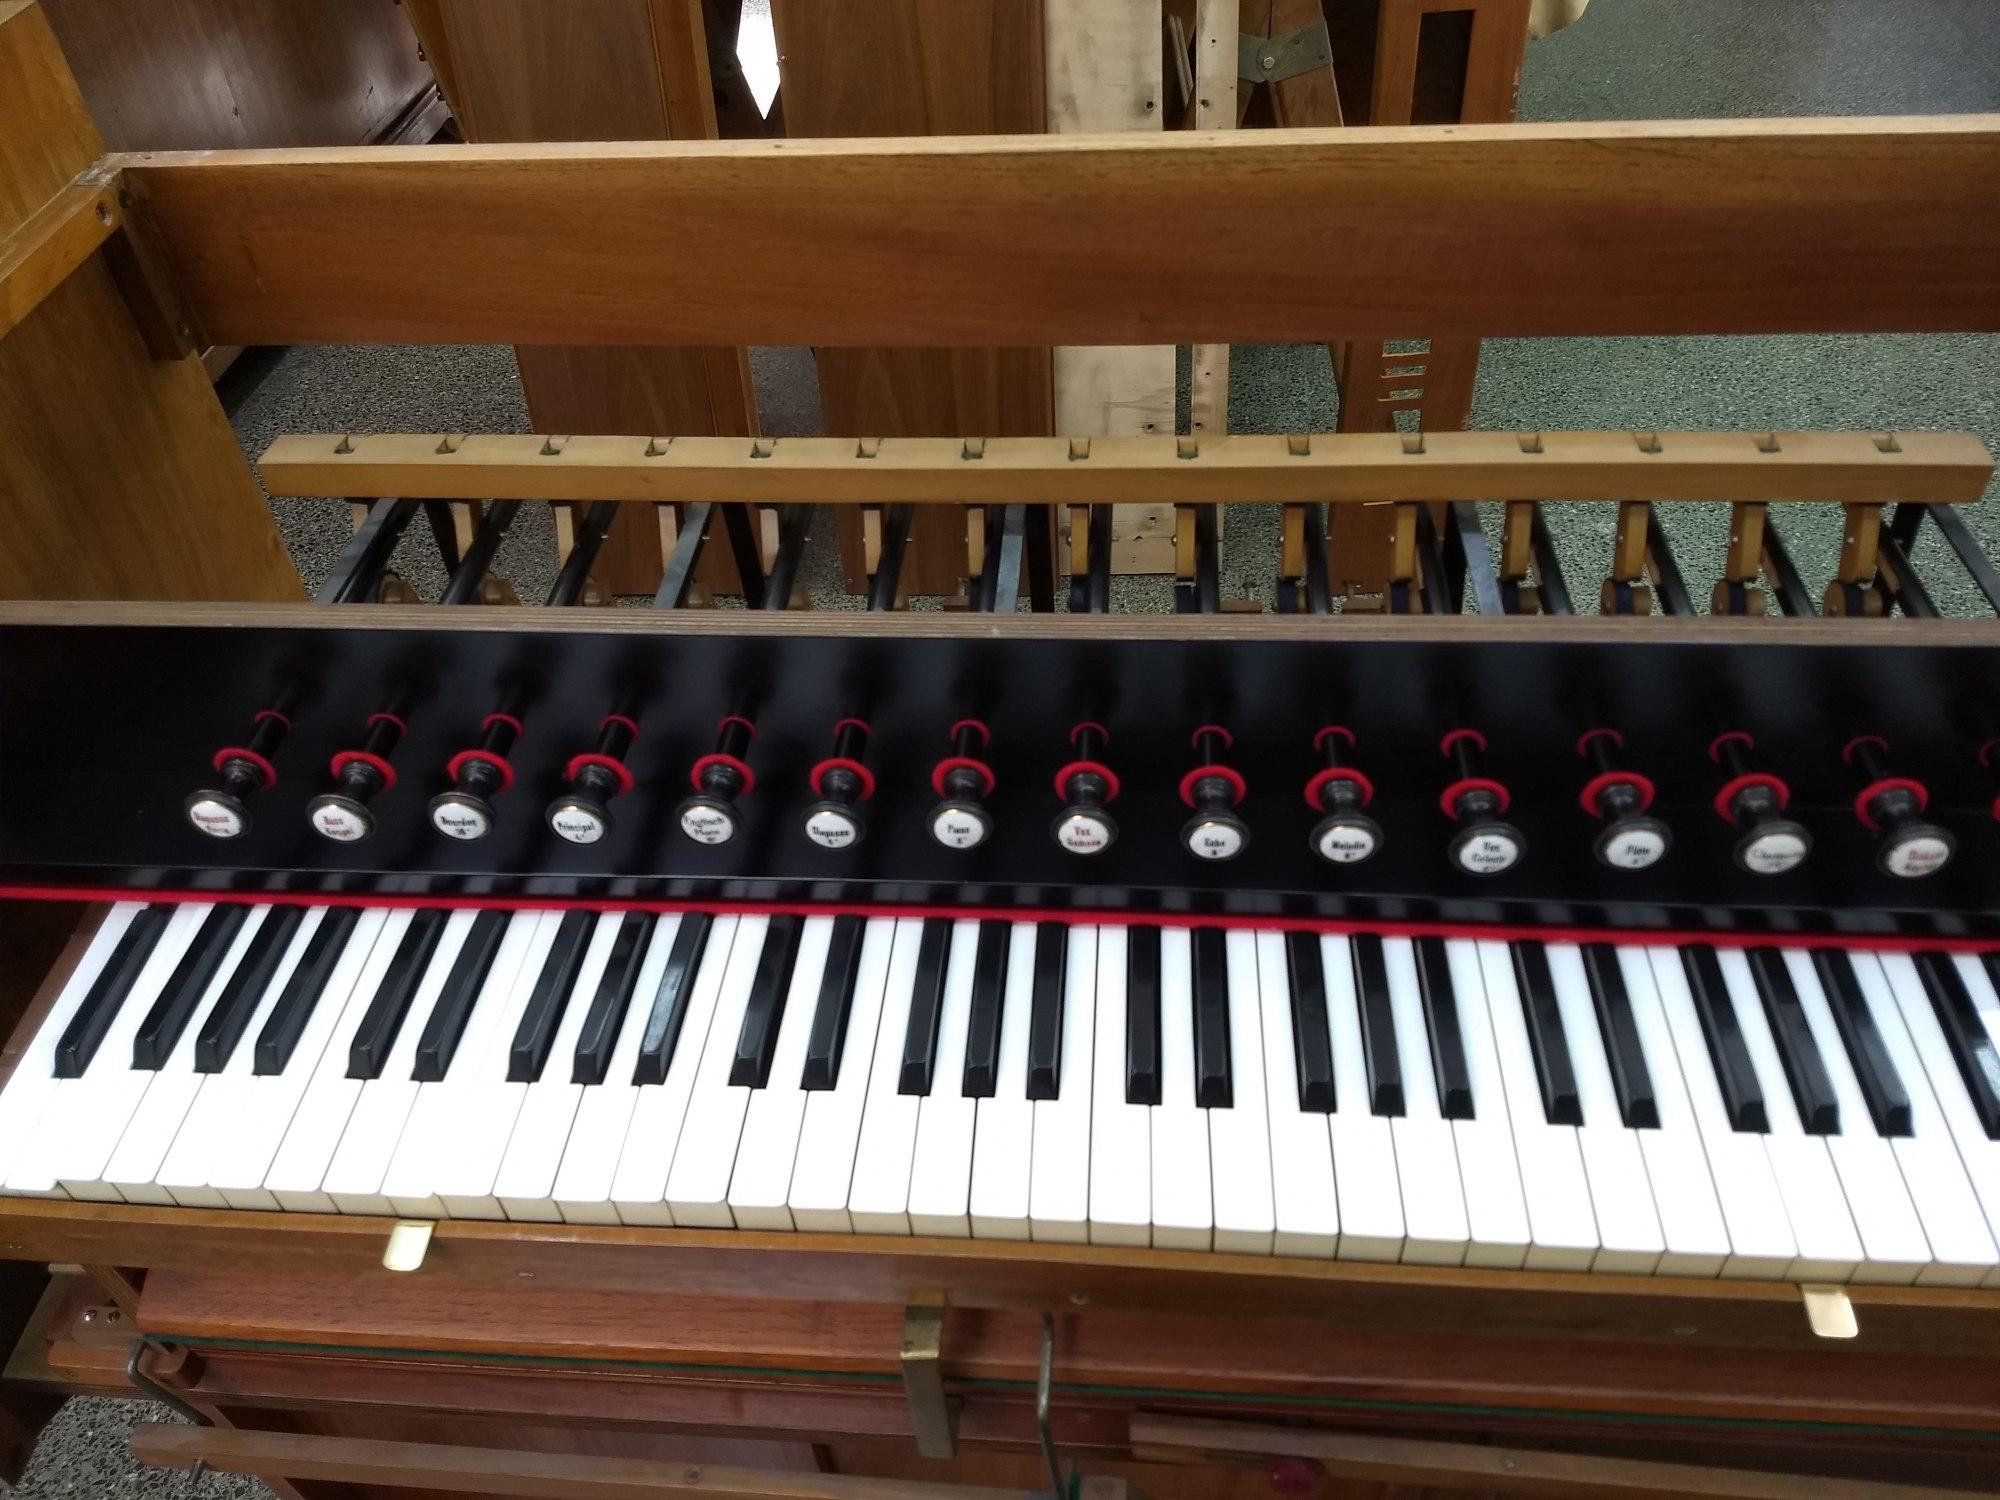 Armonio marca C. Hense. 15 registros. 3 juegos y medio, de voces sonoras. Registros armados, total 15, teclado nivelado y en función